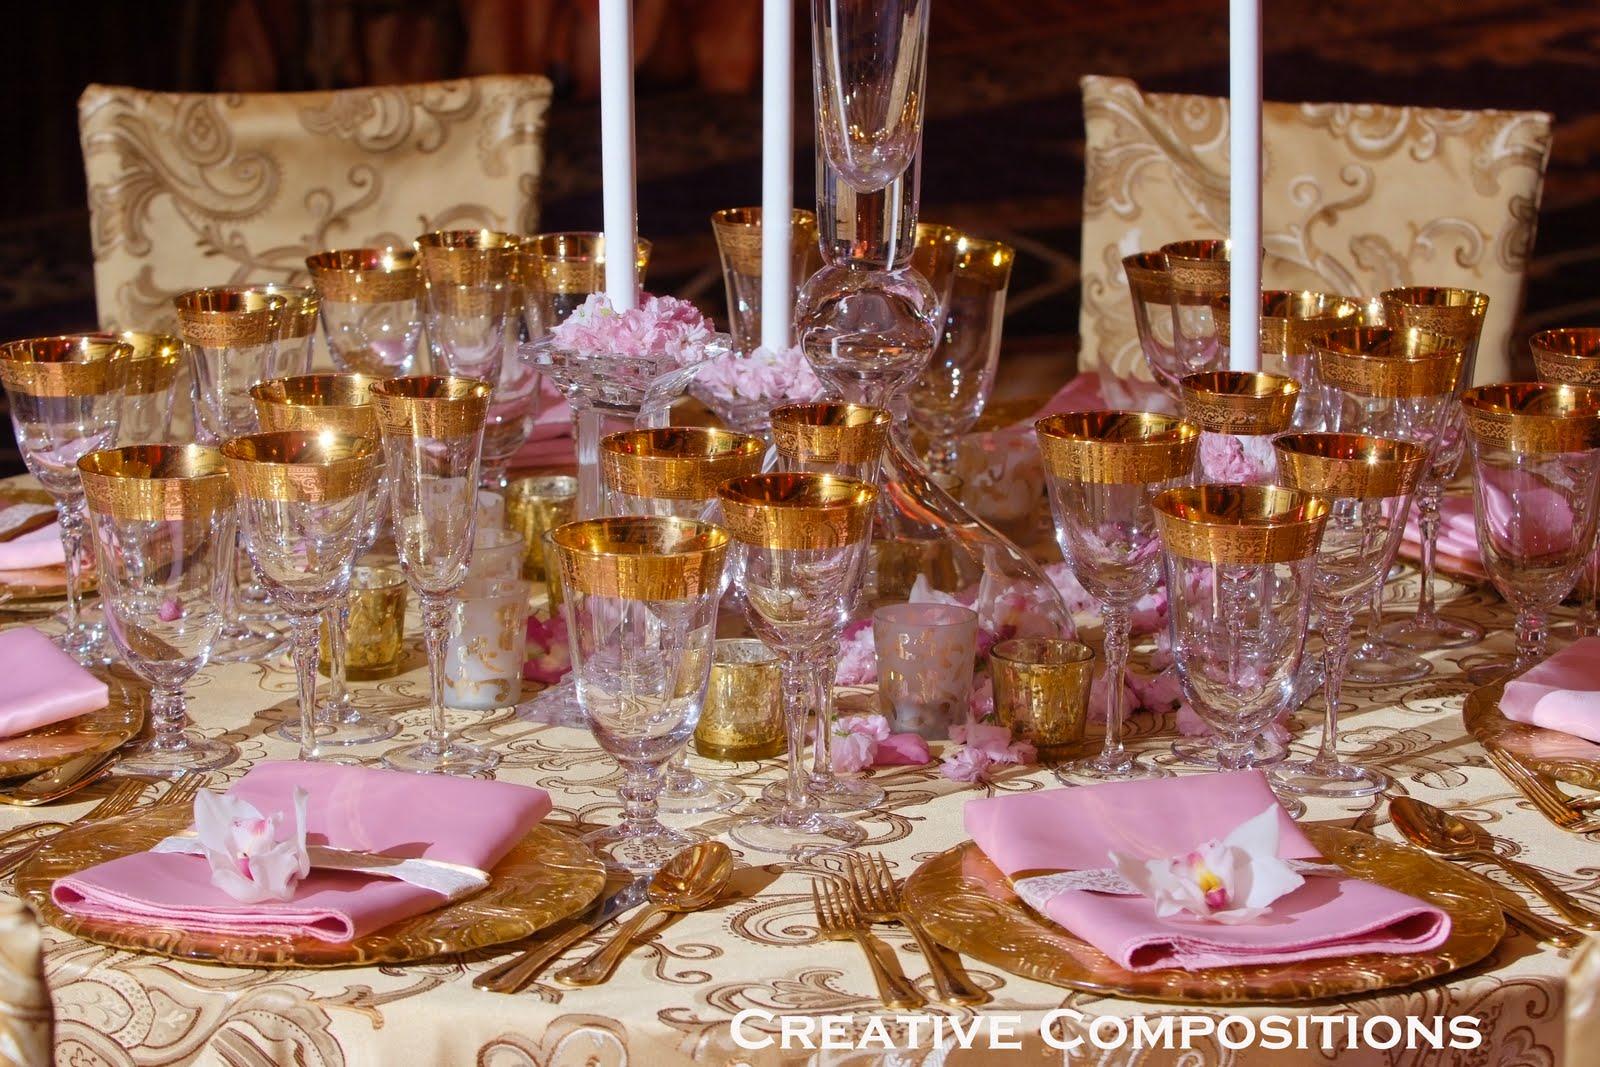 Stunning David Tutera Wedding Accessories Photos - Styles & Ideas ...